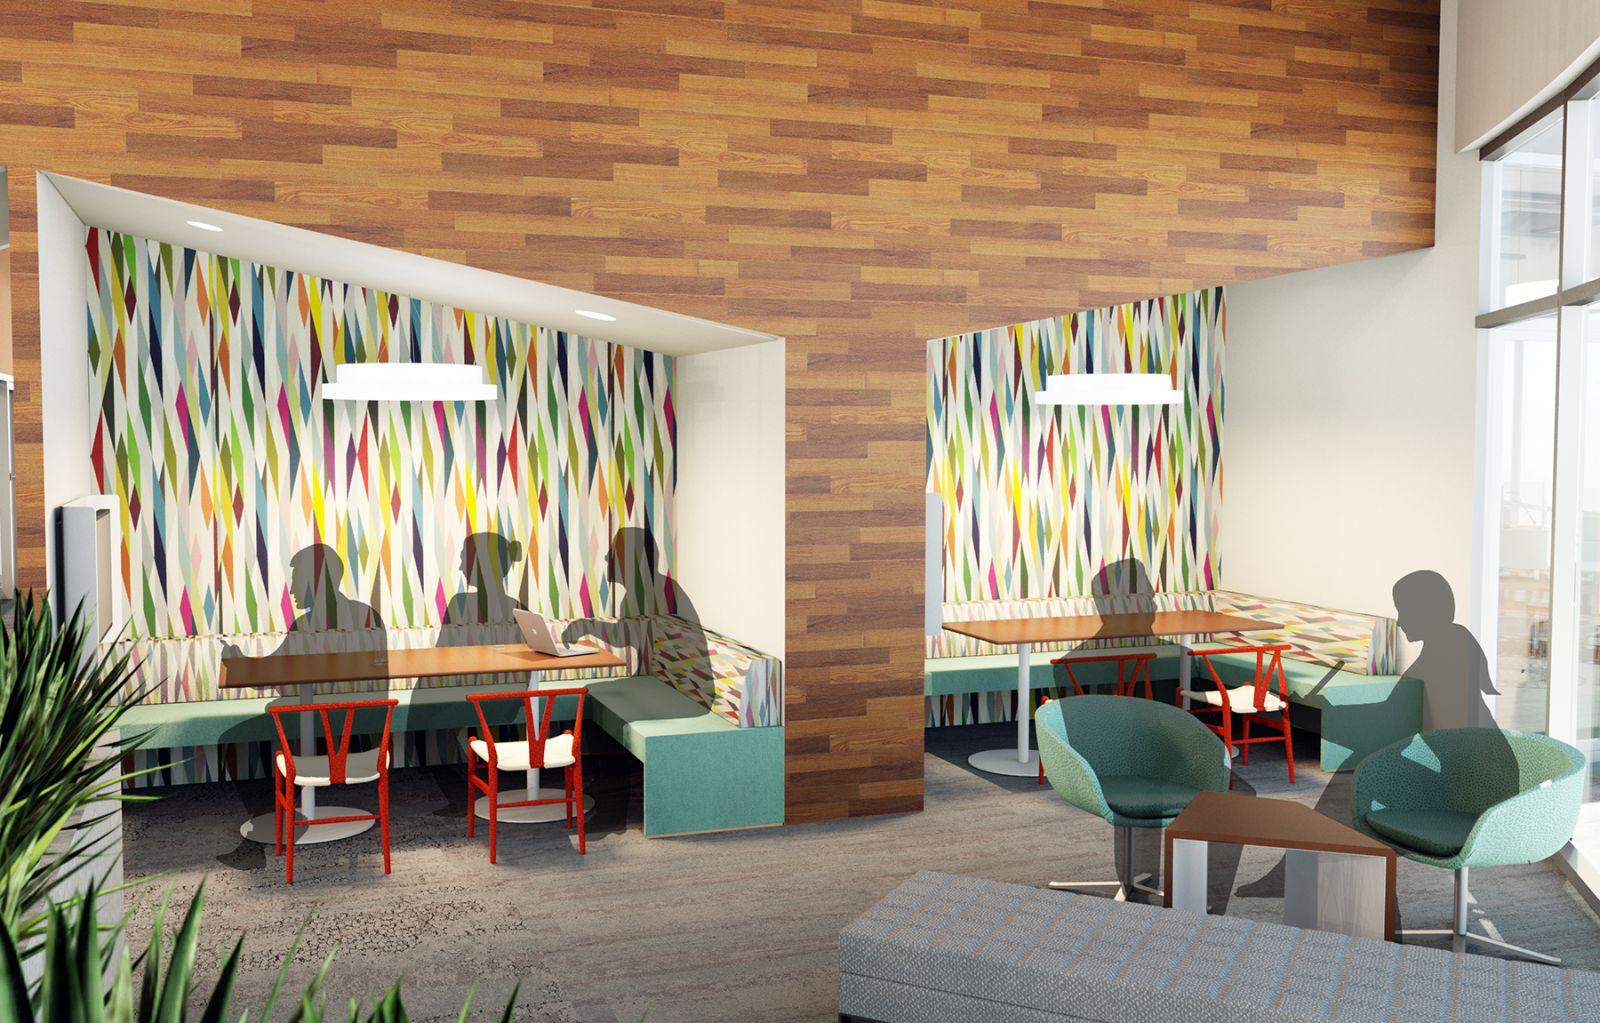 Interior design jobs cedar rapids iowa - Interior design jobs in austin tx ...